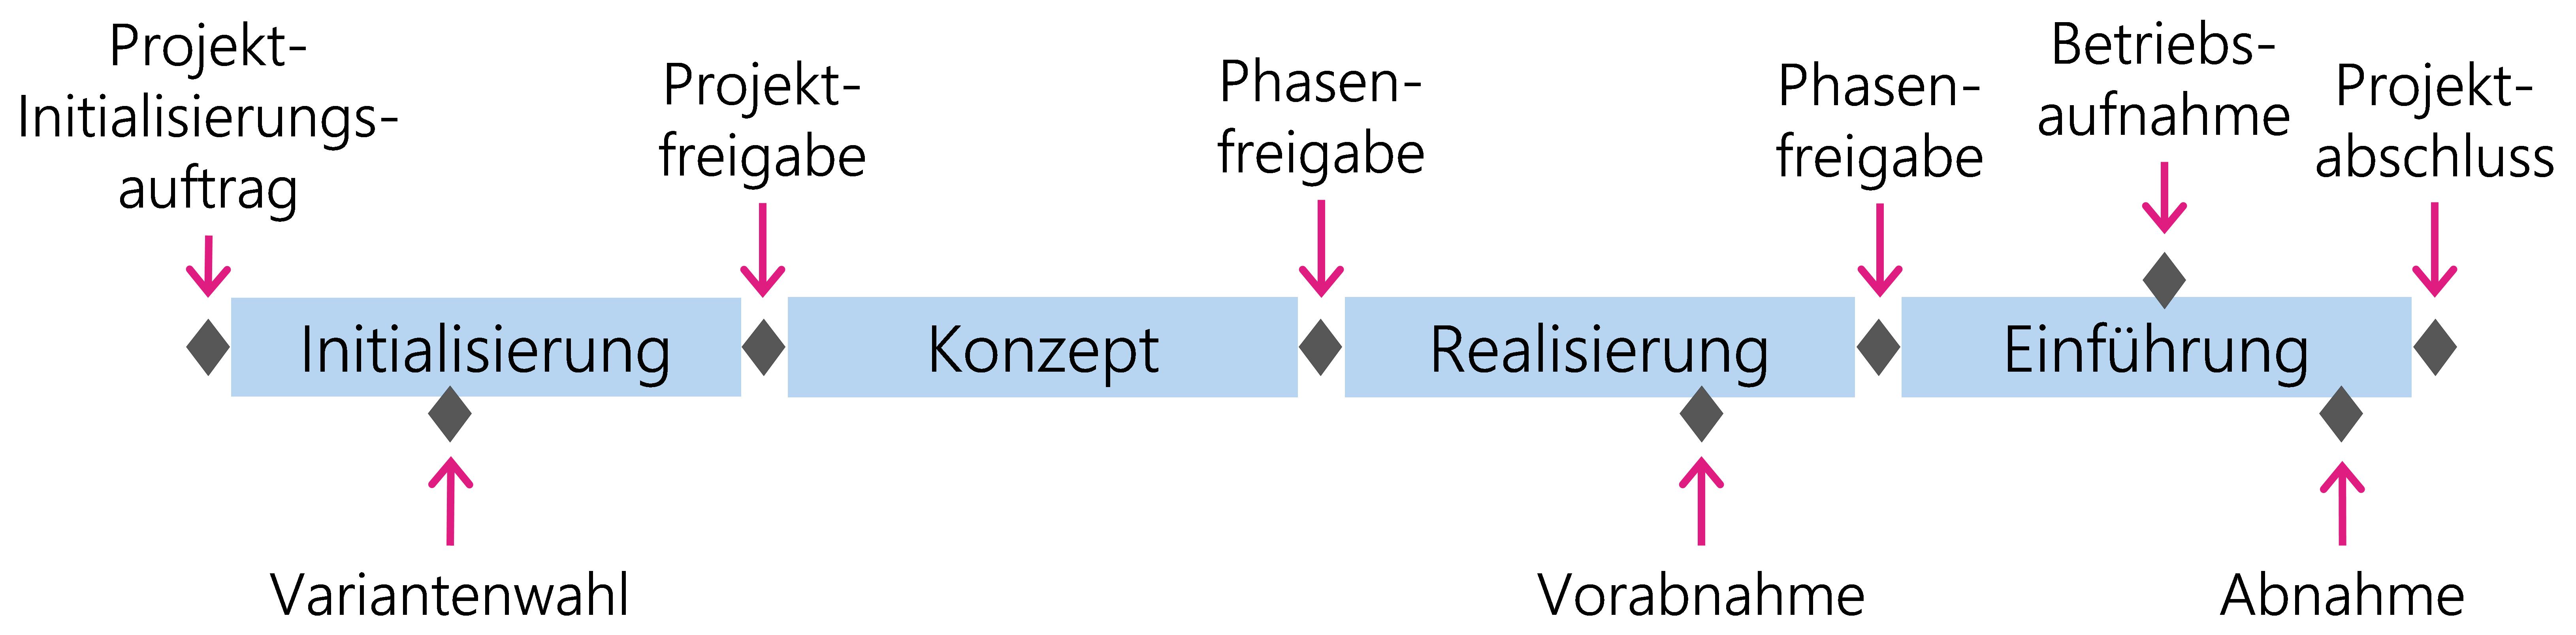 Abbildung 2: Abwicklung der Projekte in Phasen und mit Hilfe von Meilensteinen